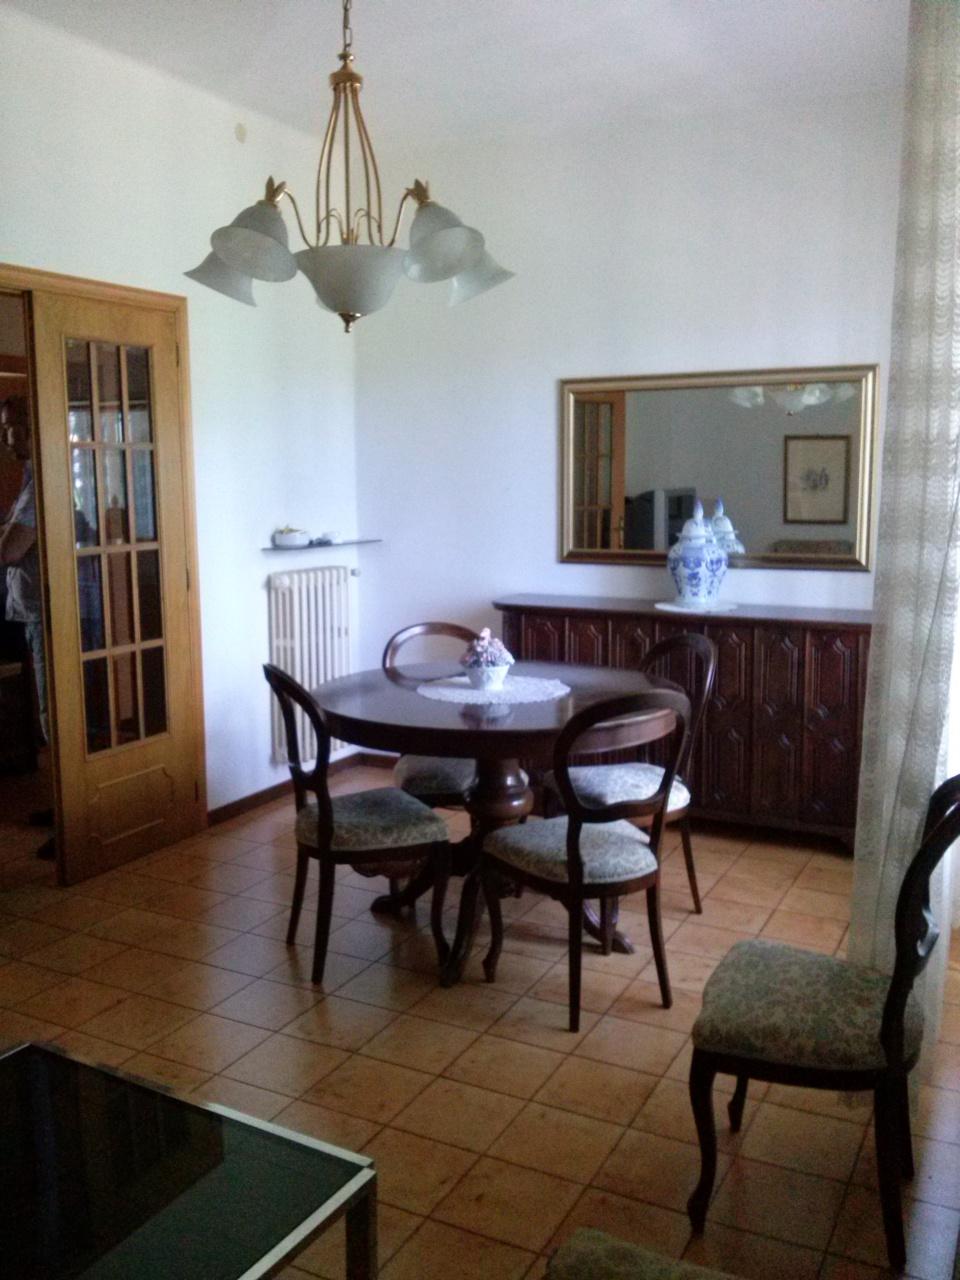 Appartamento in vendita a Ascoli Piceno, 4 locali, zona Località: P.taRomana, prezzo € 90.000   Cambio Casa.it